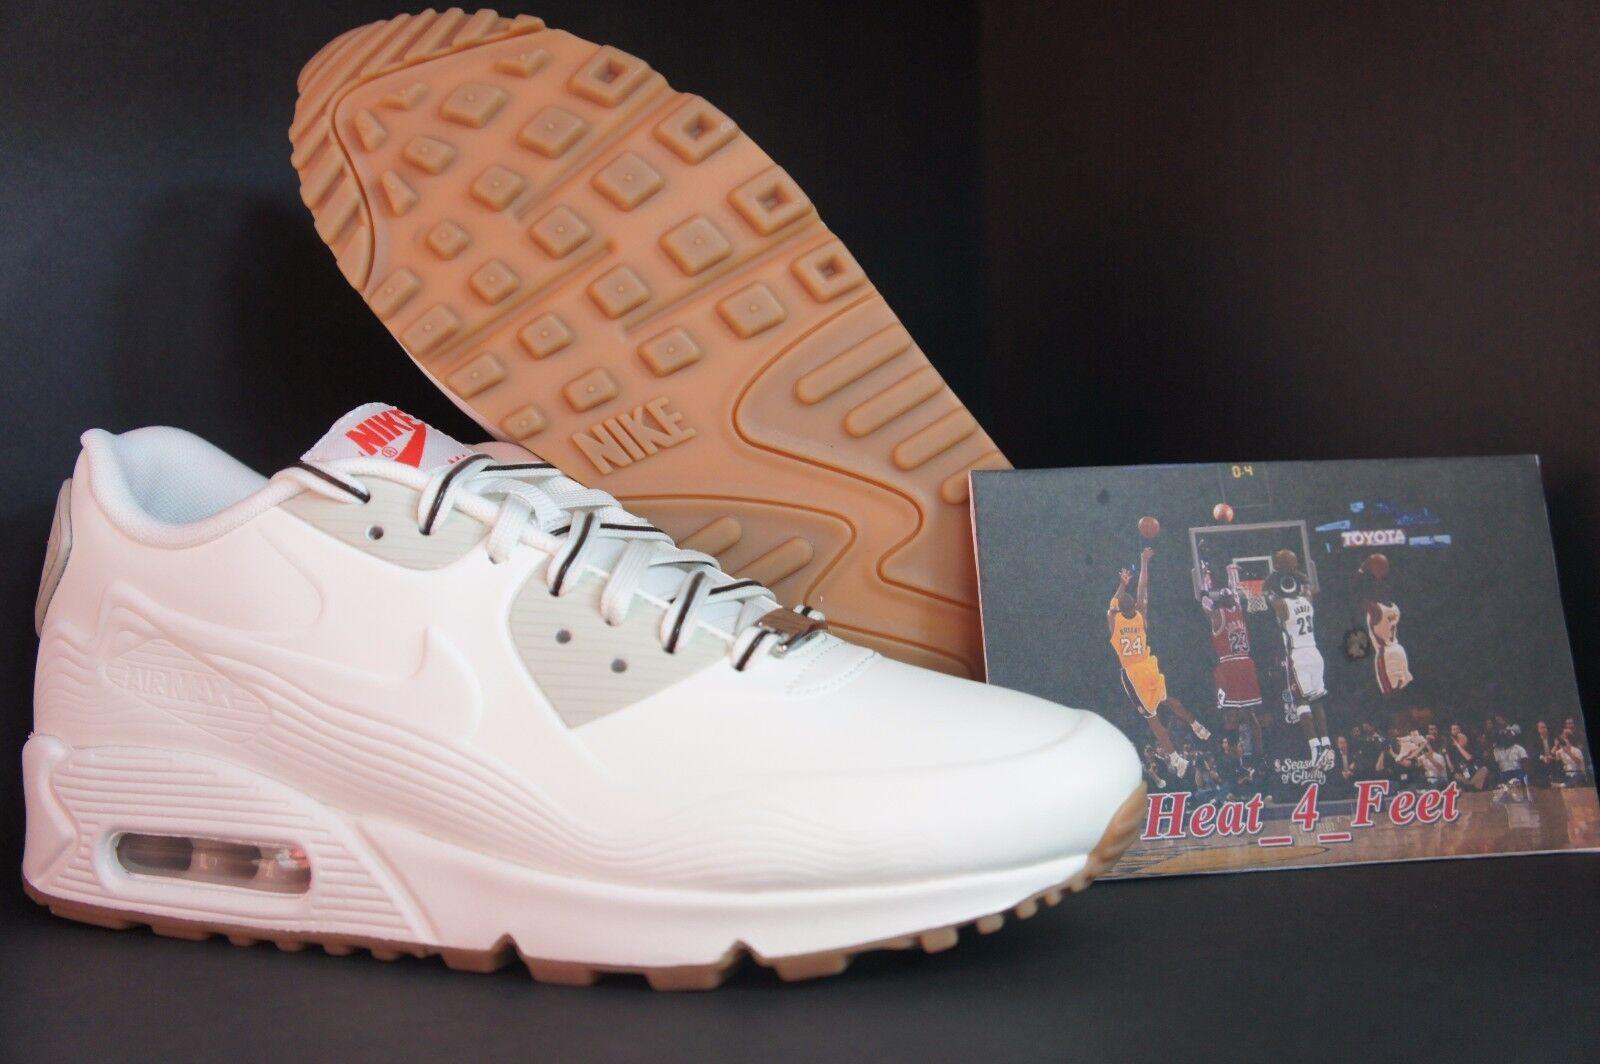 Nike Air Max 90 VT QS City Pack Tokyo White Gum Atmos Camo Safari 813153 100